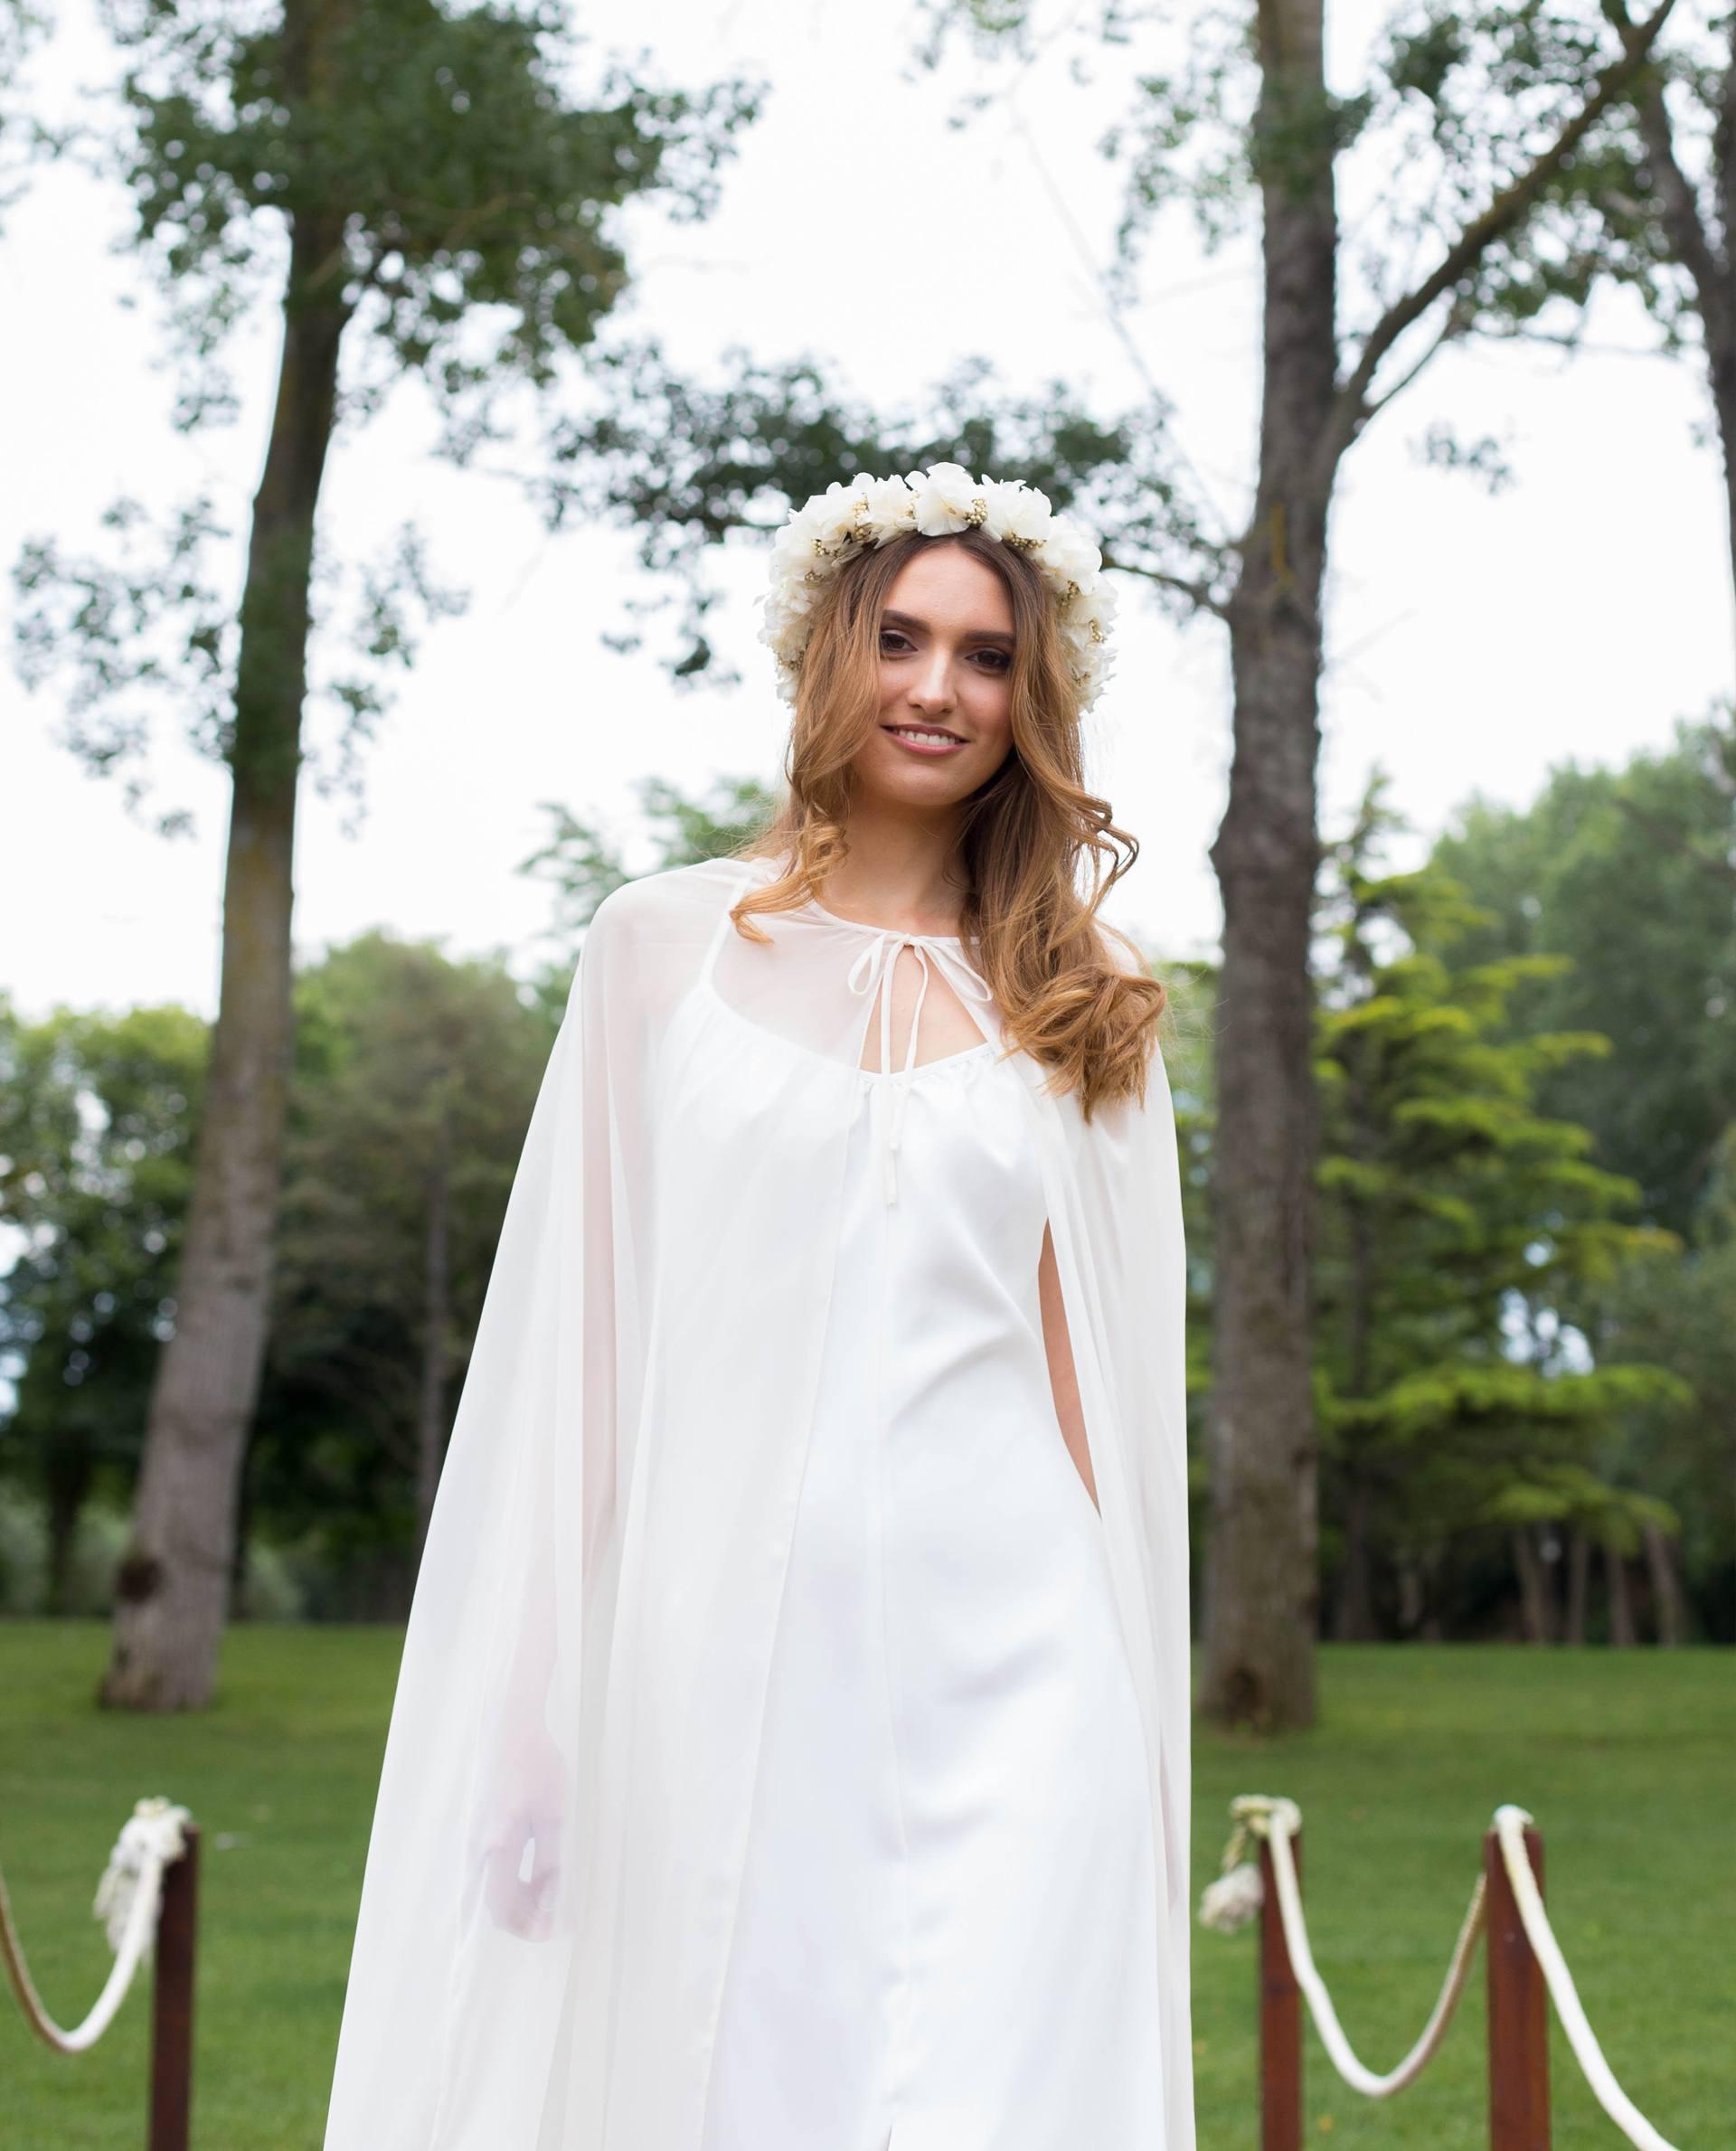 BRIDAL-NATURE 2018/19 - ACCESORIOS - Detalle capa Nelda sobre vestido de novia Rebeca